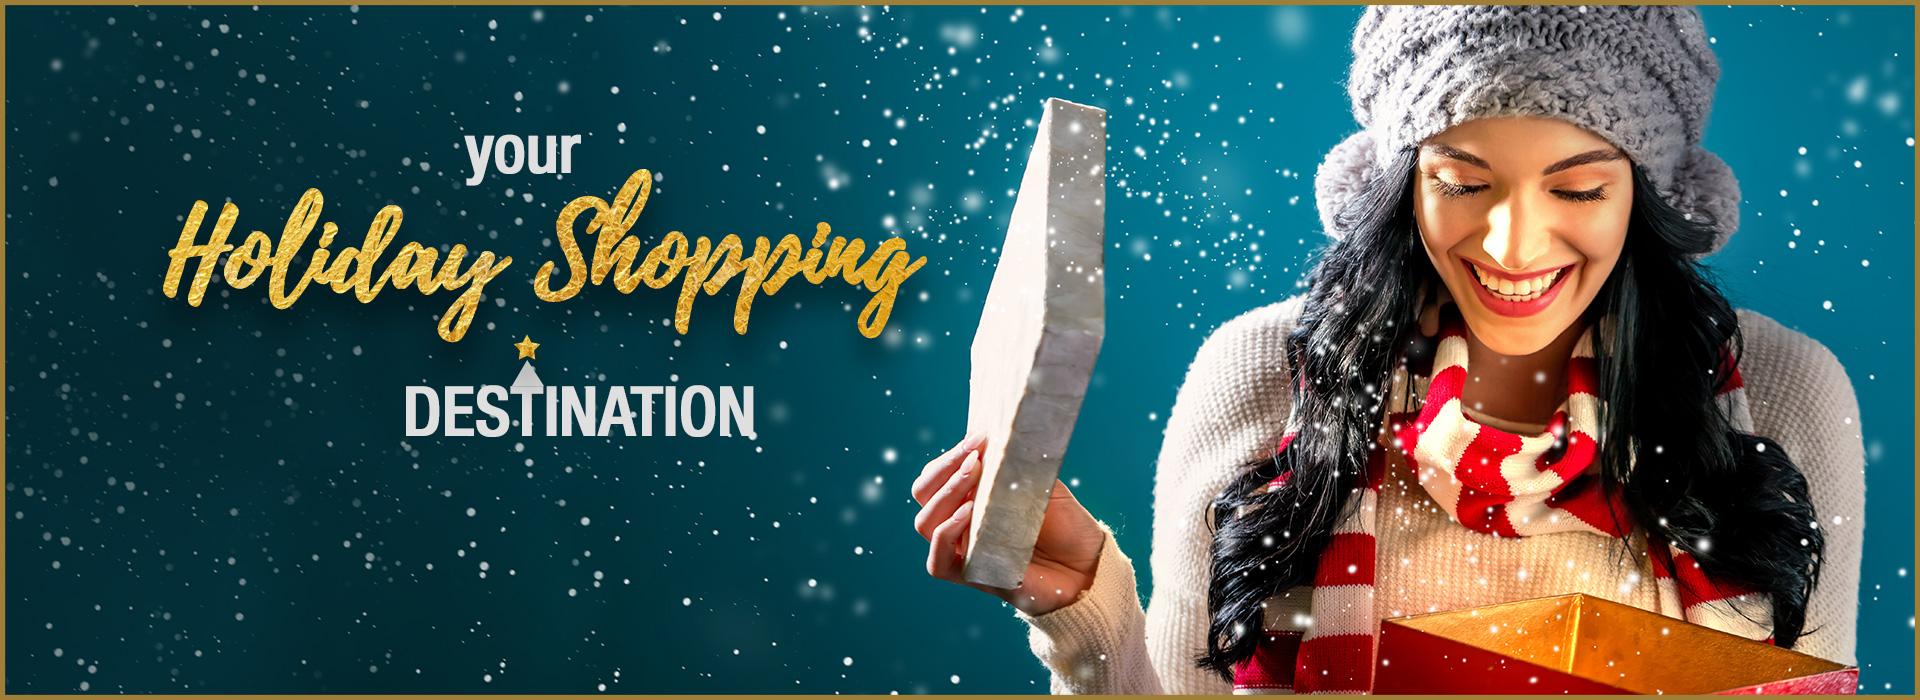 SCV-0020-W-2020-Holiday-Shopping-Web-Slider-2-1920-x-700.v1